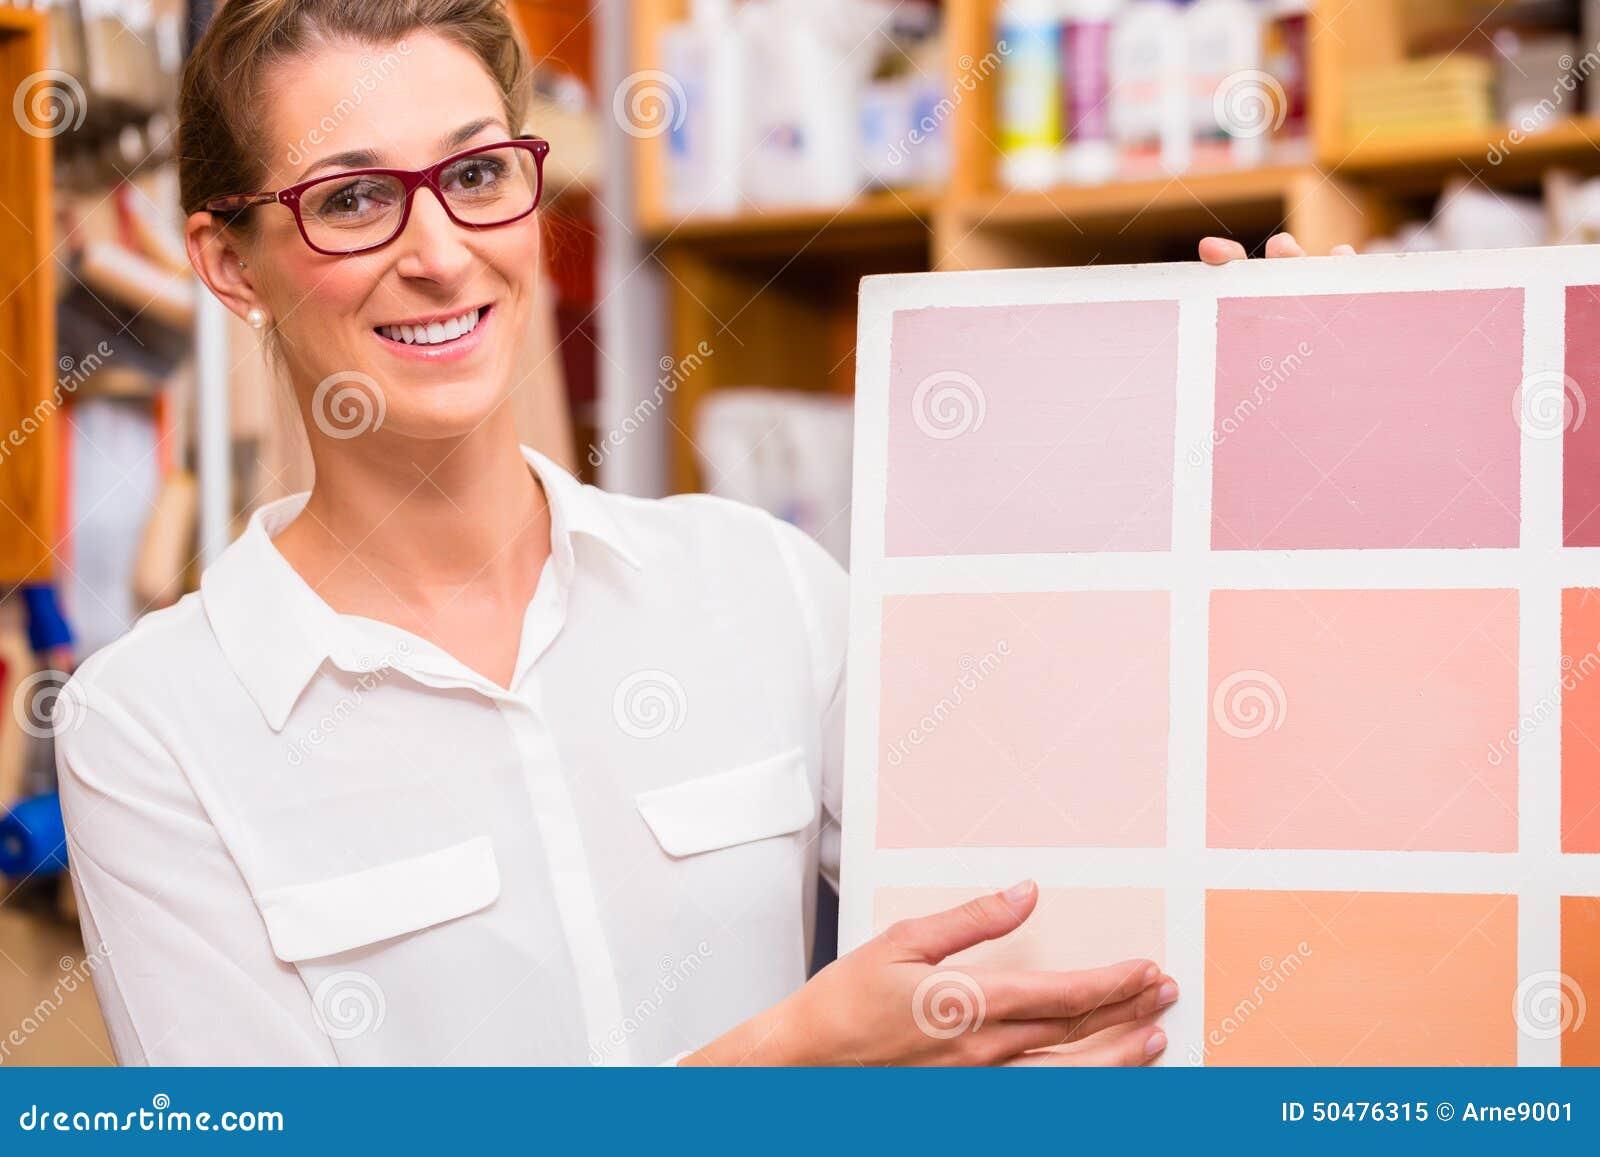 Дизайнер по интерьеру с карточкой образца краски